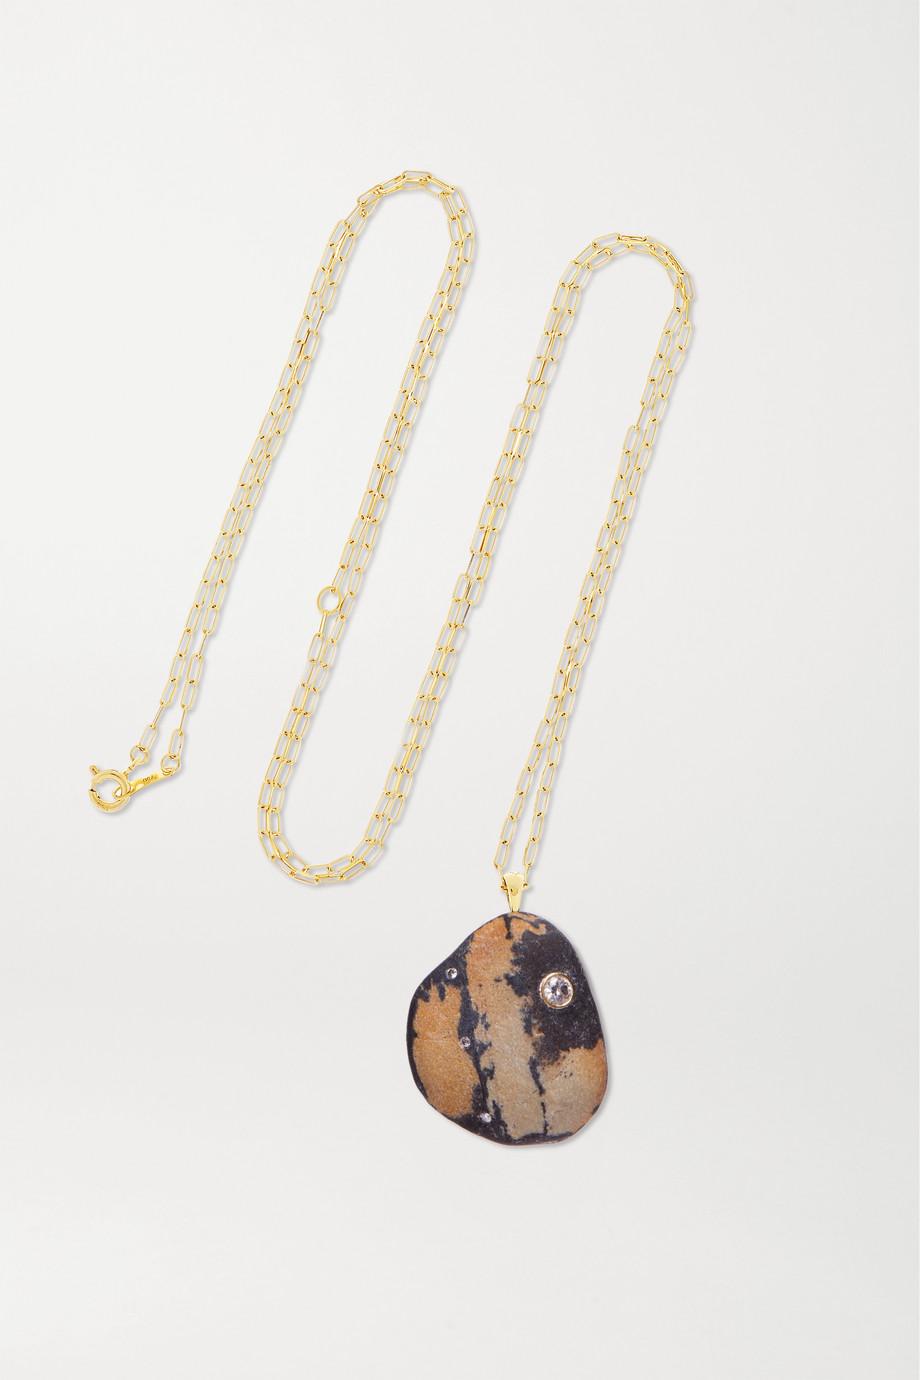 CVC Stones Collier en or 18 carats, pierre et diamants Rebellious